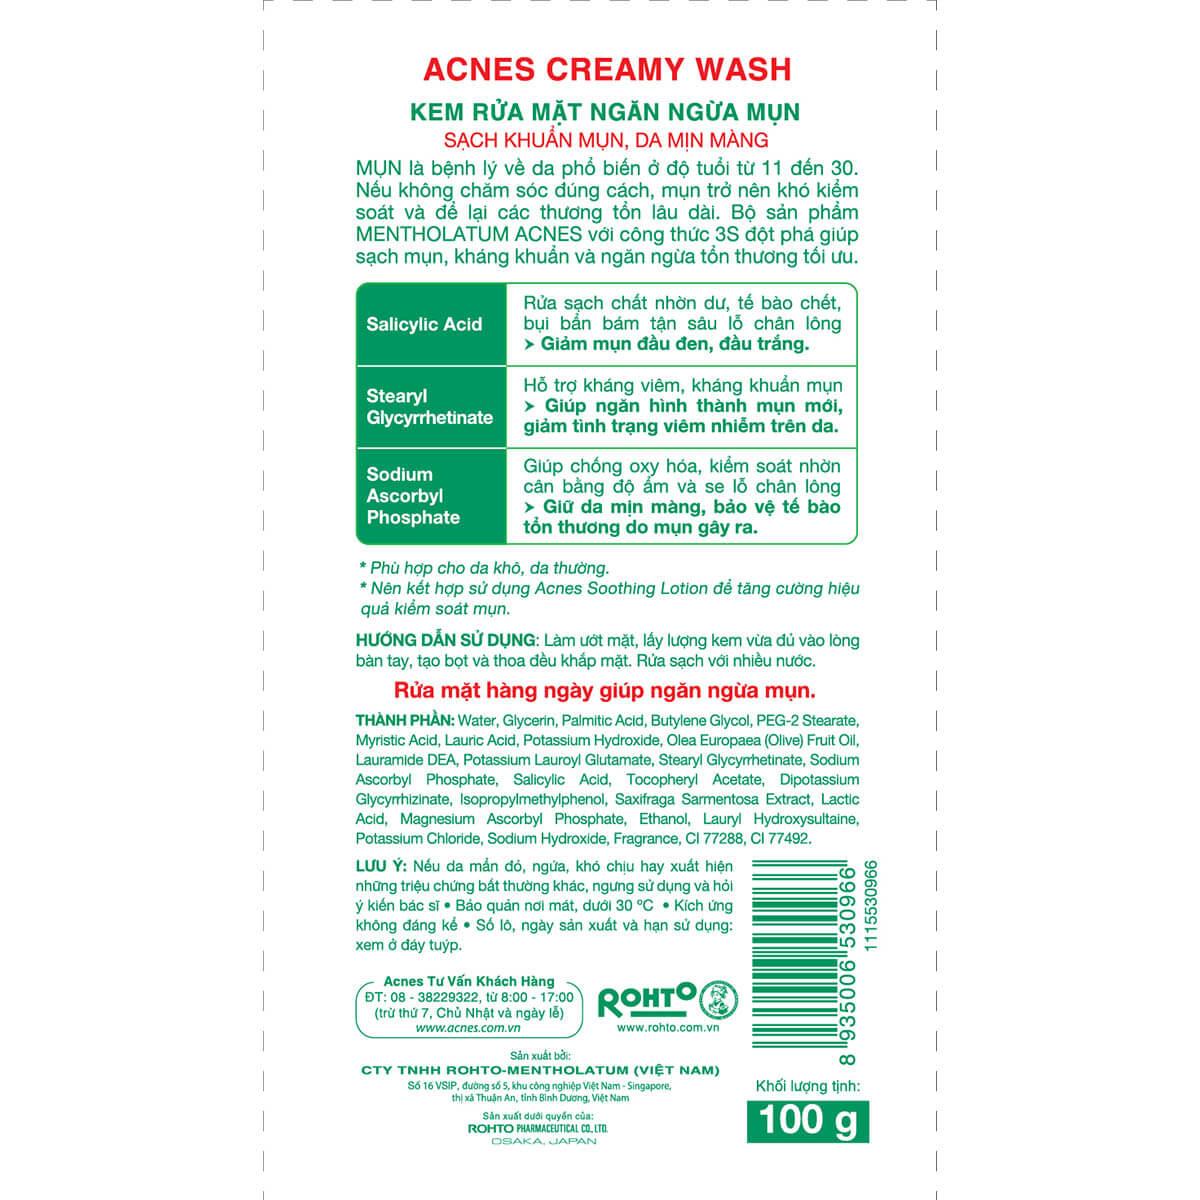 sữa rửa mặt da khô acnes creamy wash giúp làm sạch da